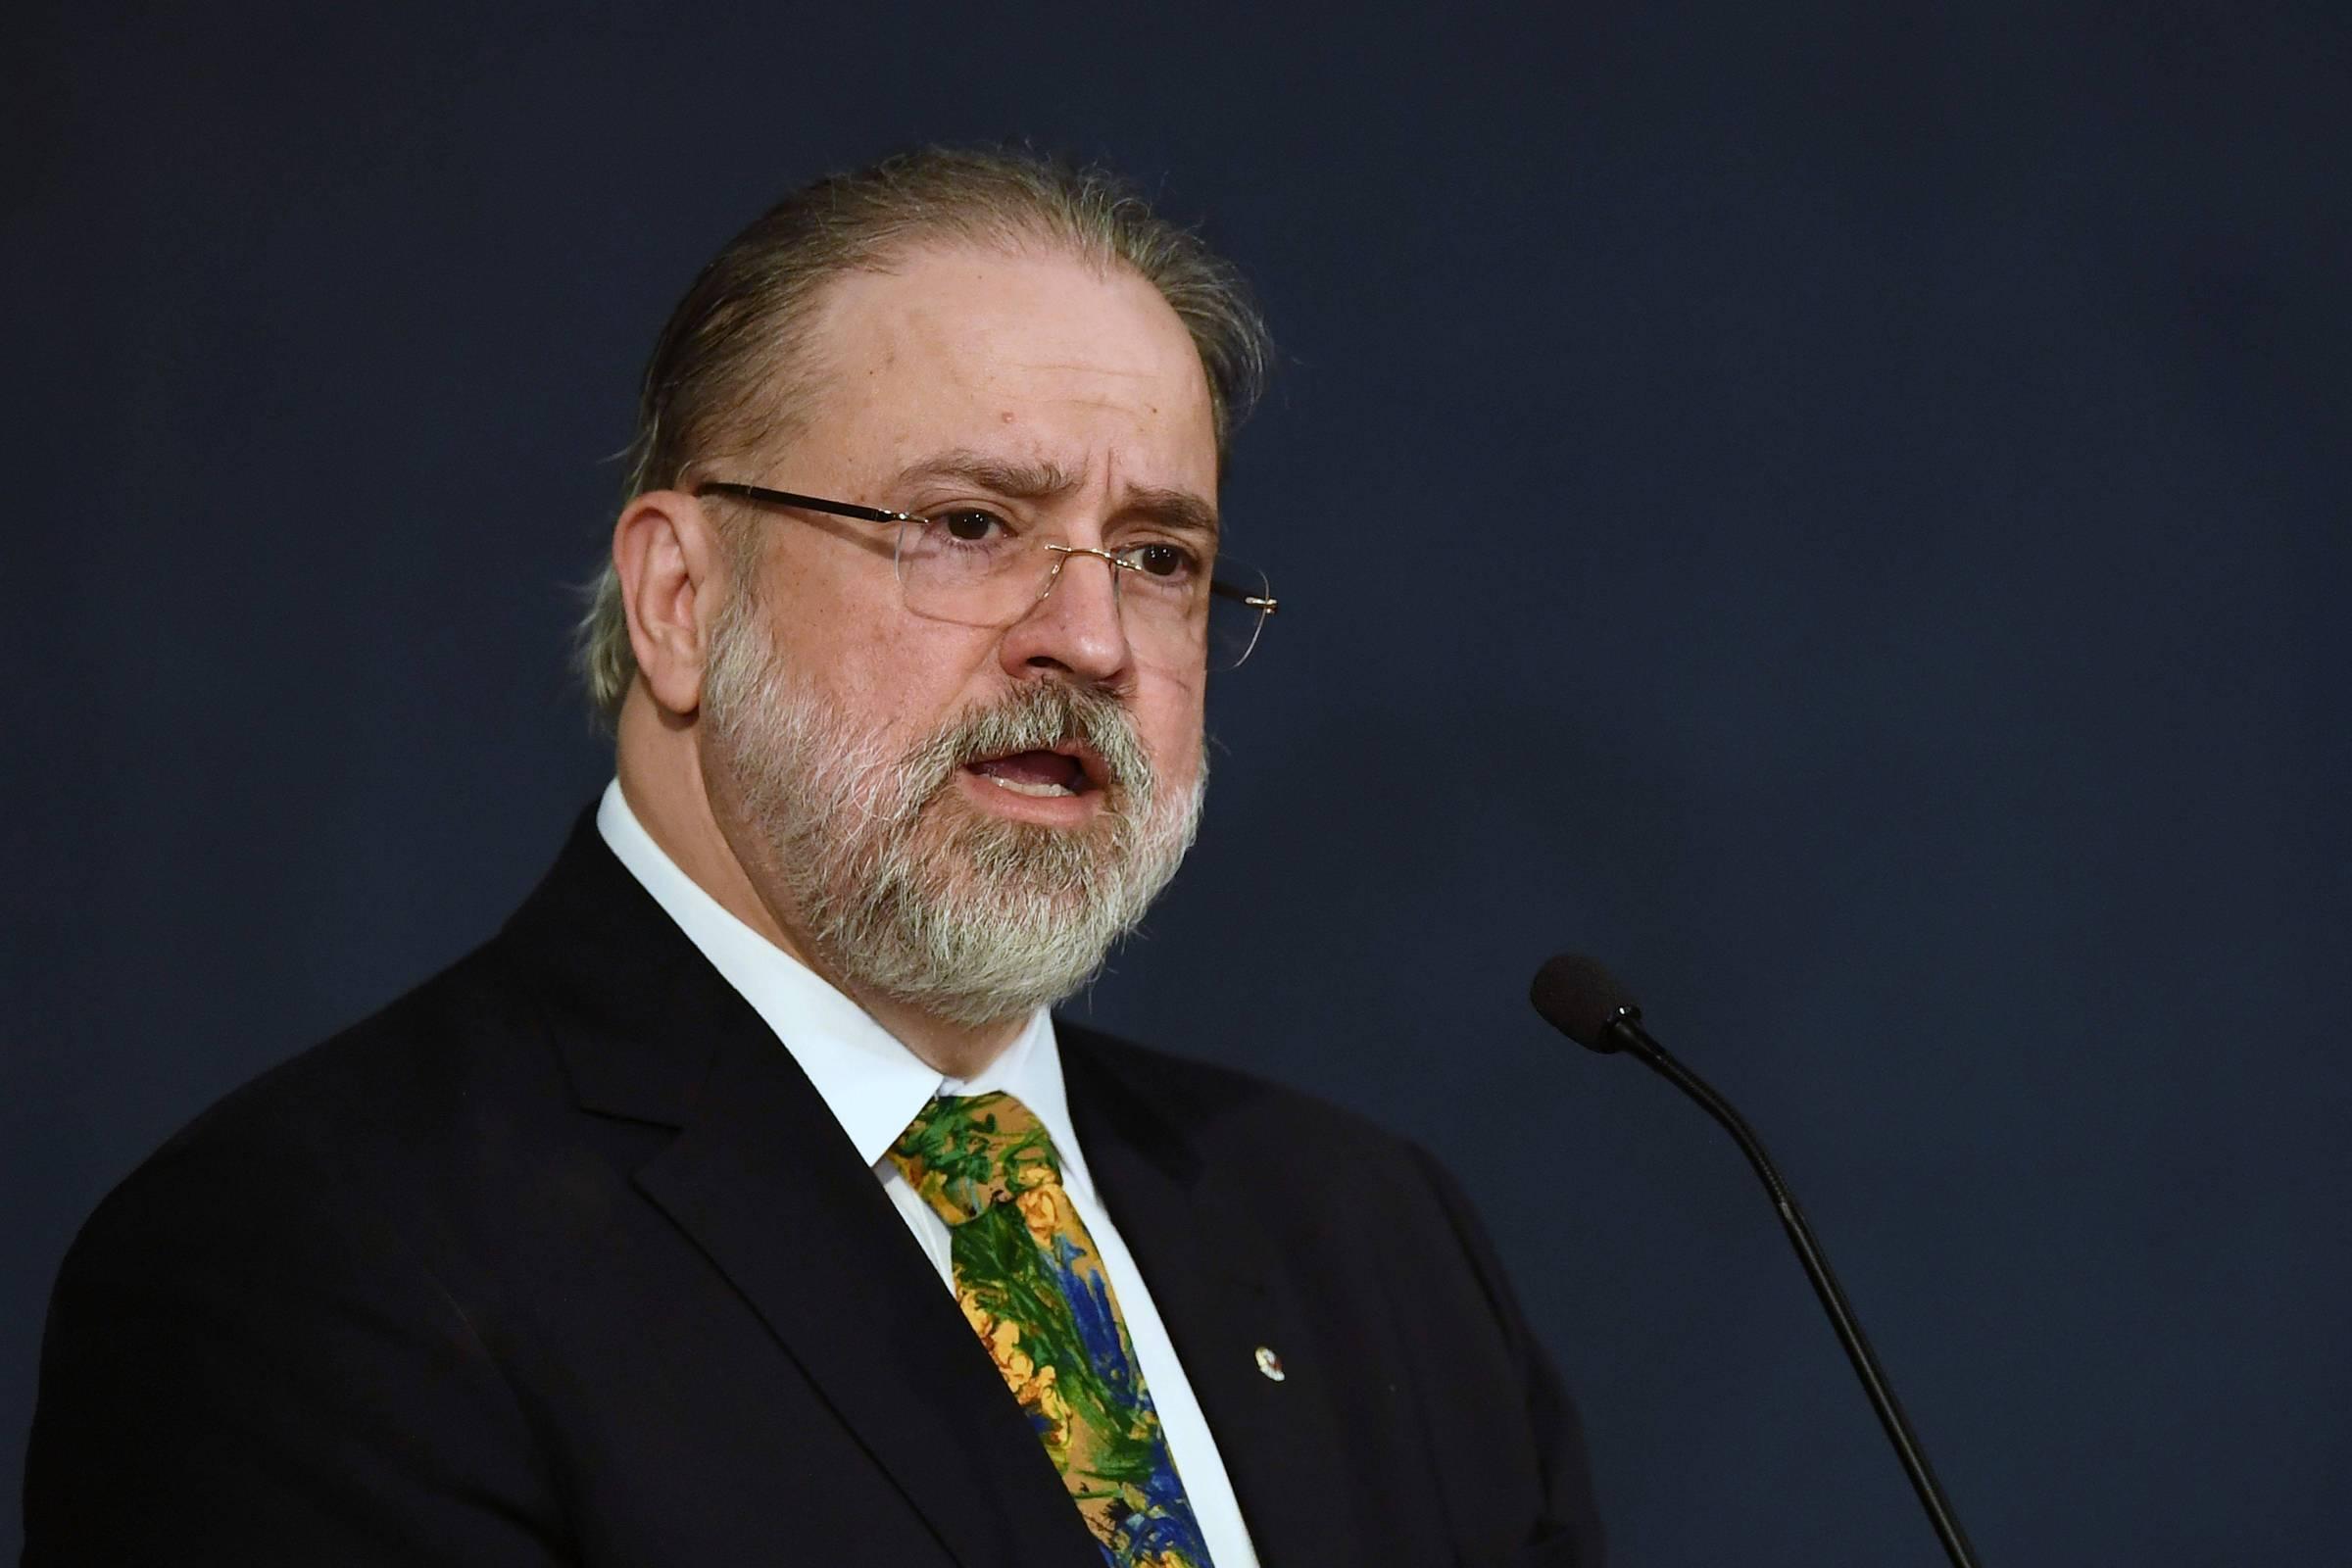 www1.folha.uol.com.br